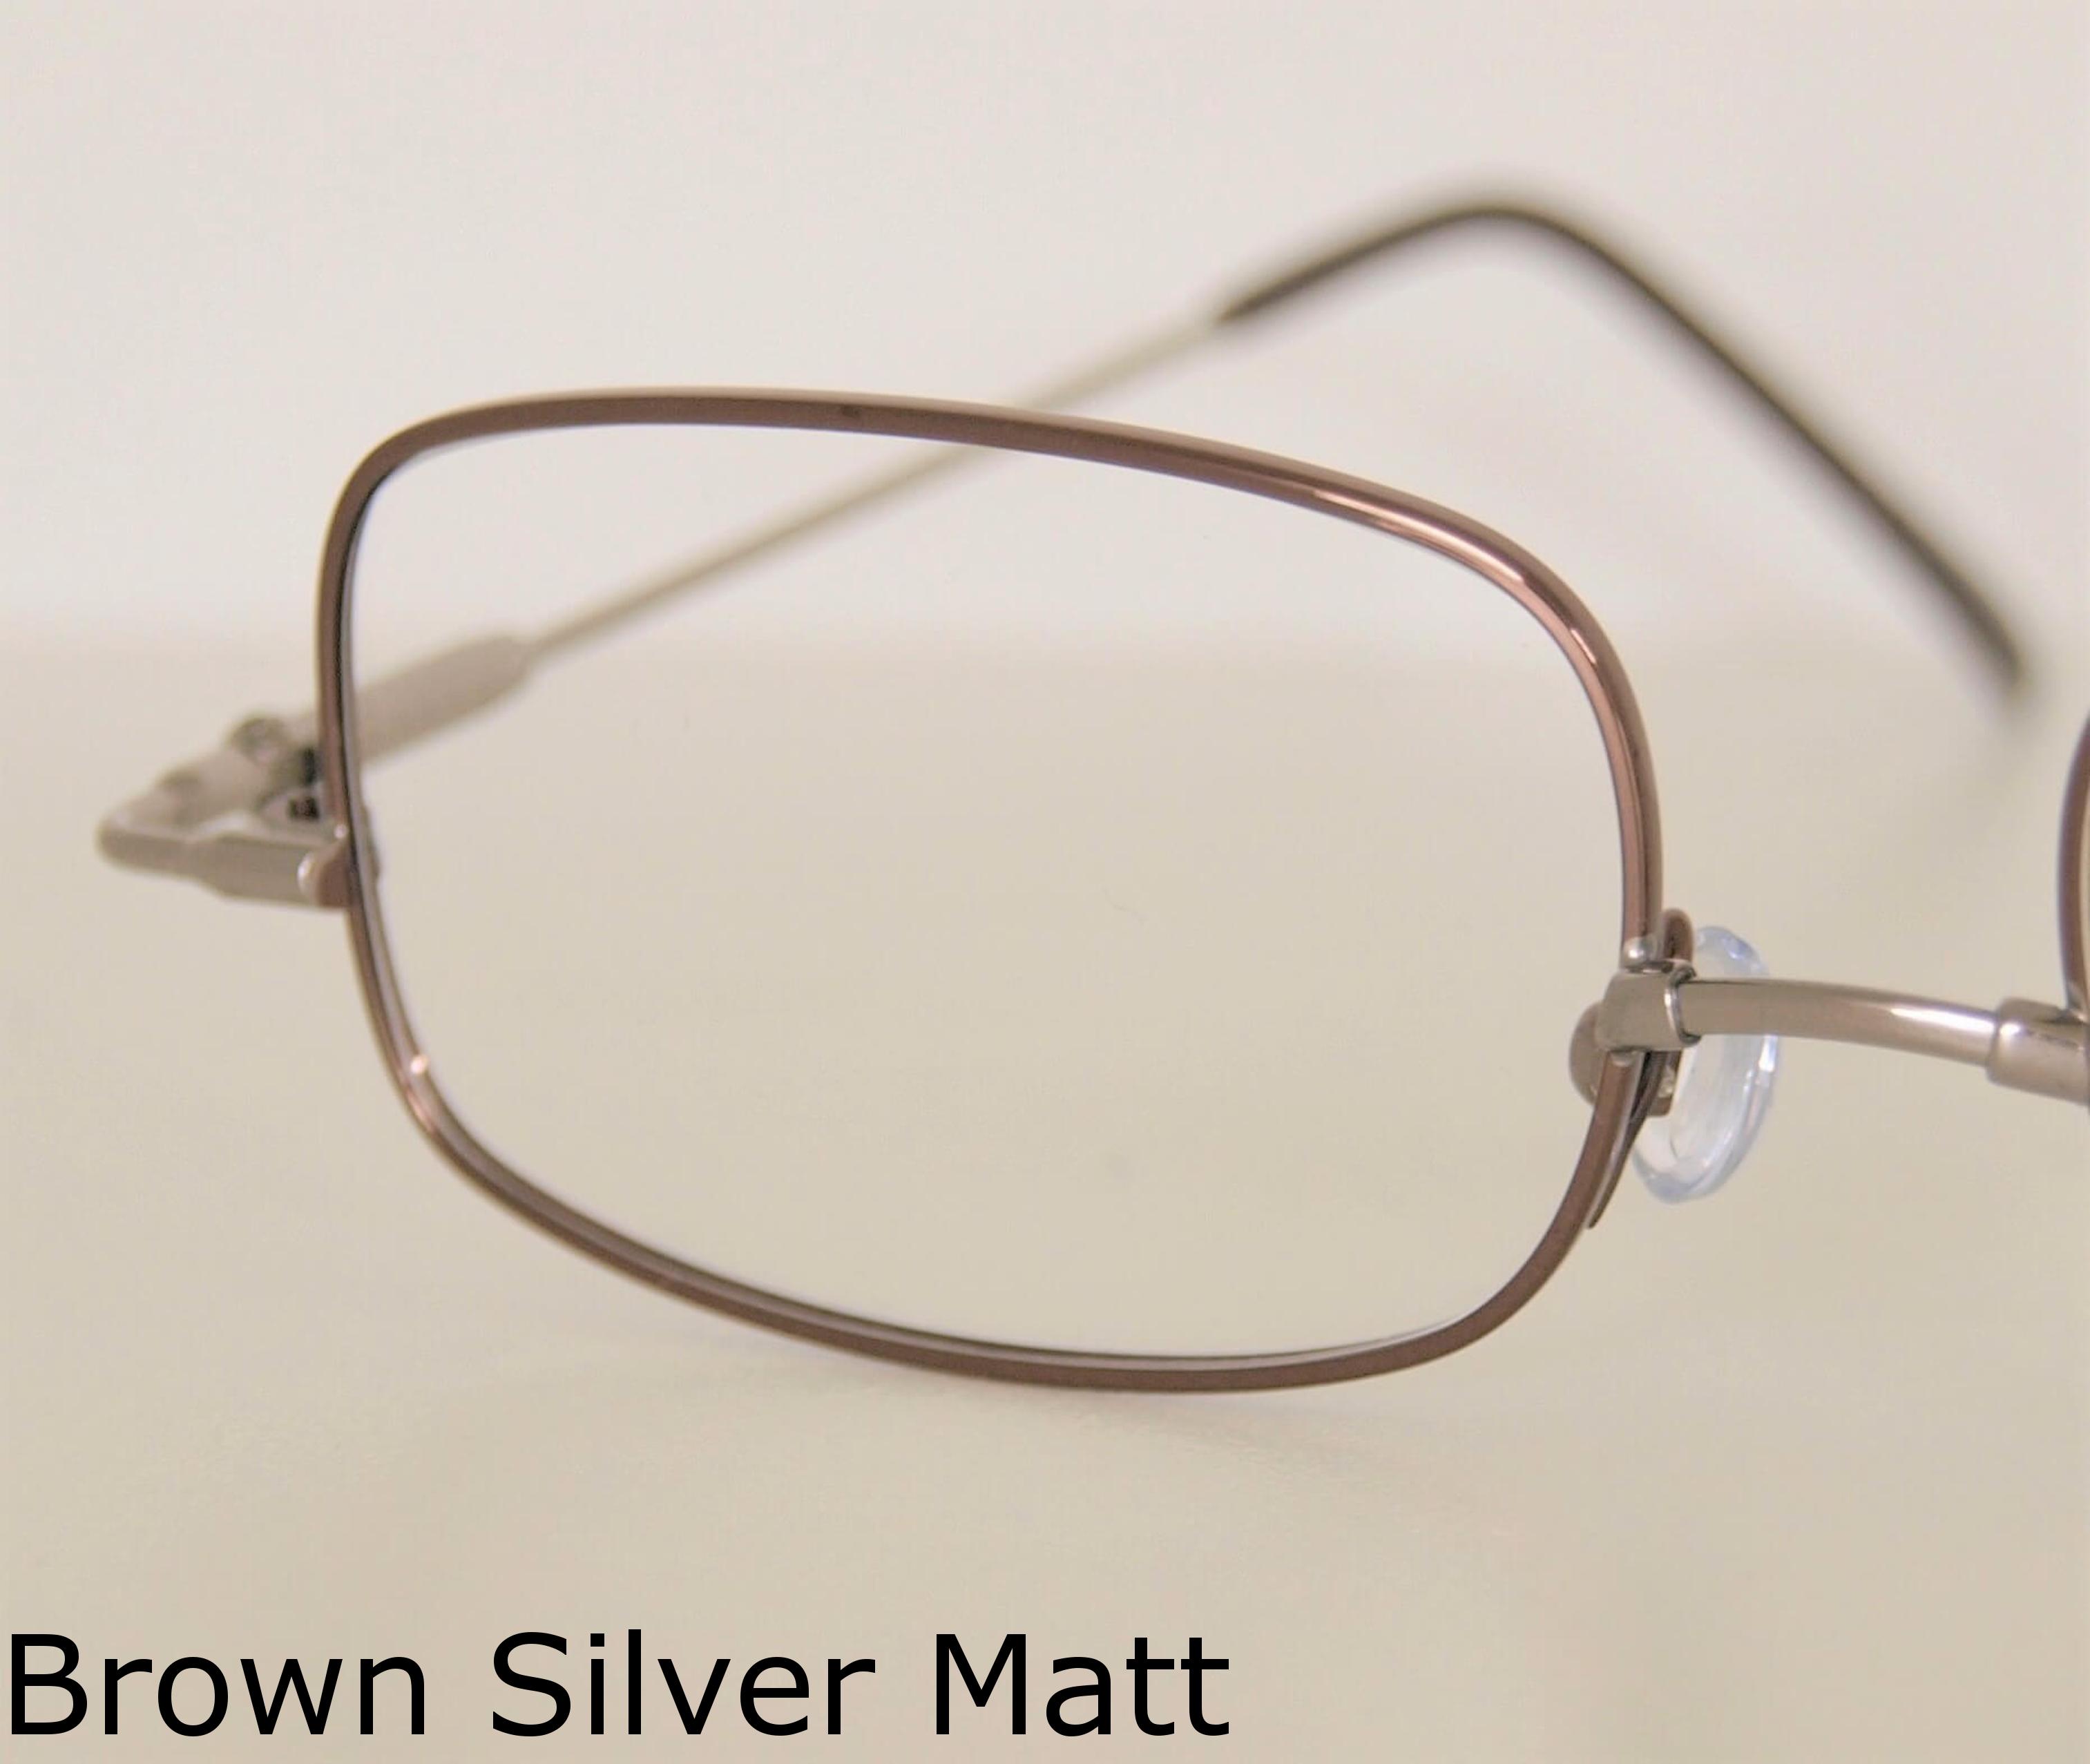 - Brown-Silver Matt